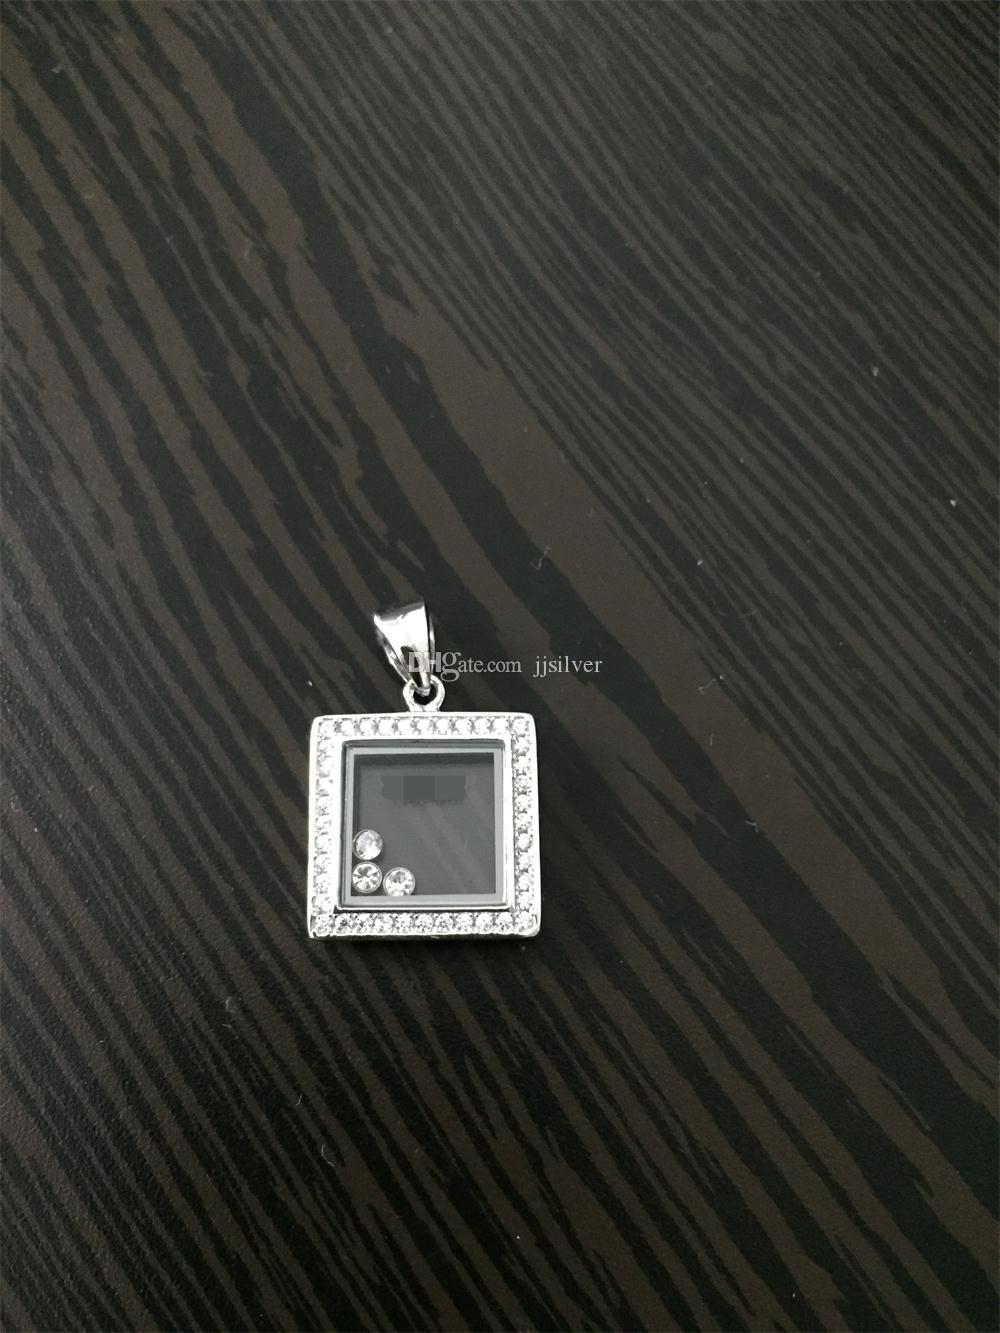 Luxurybrand gerçek 925 Ayar Gümüş Yüksek kalite kristal CZ Diamonds kadınlar için KOLYE kolye mutlu kare elmas klasik KOLYE